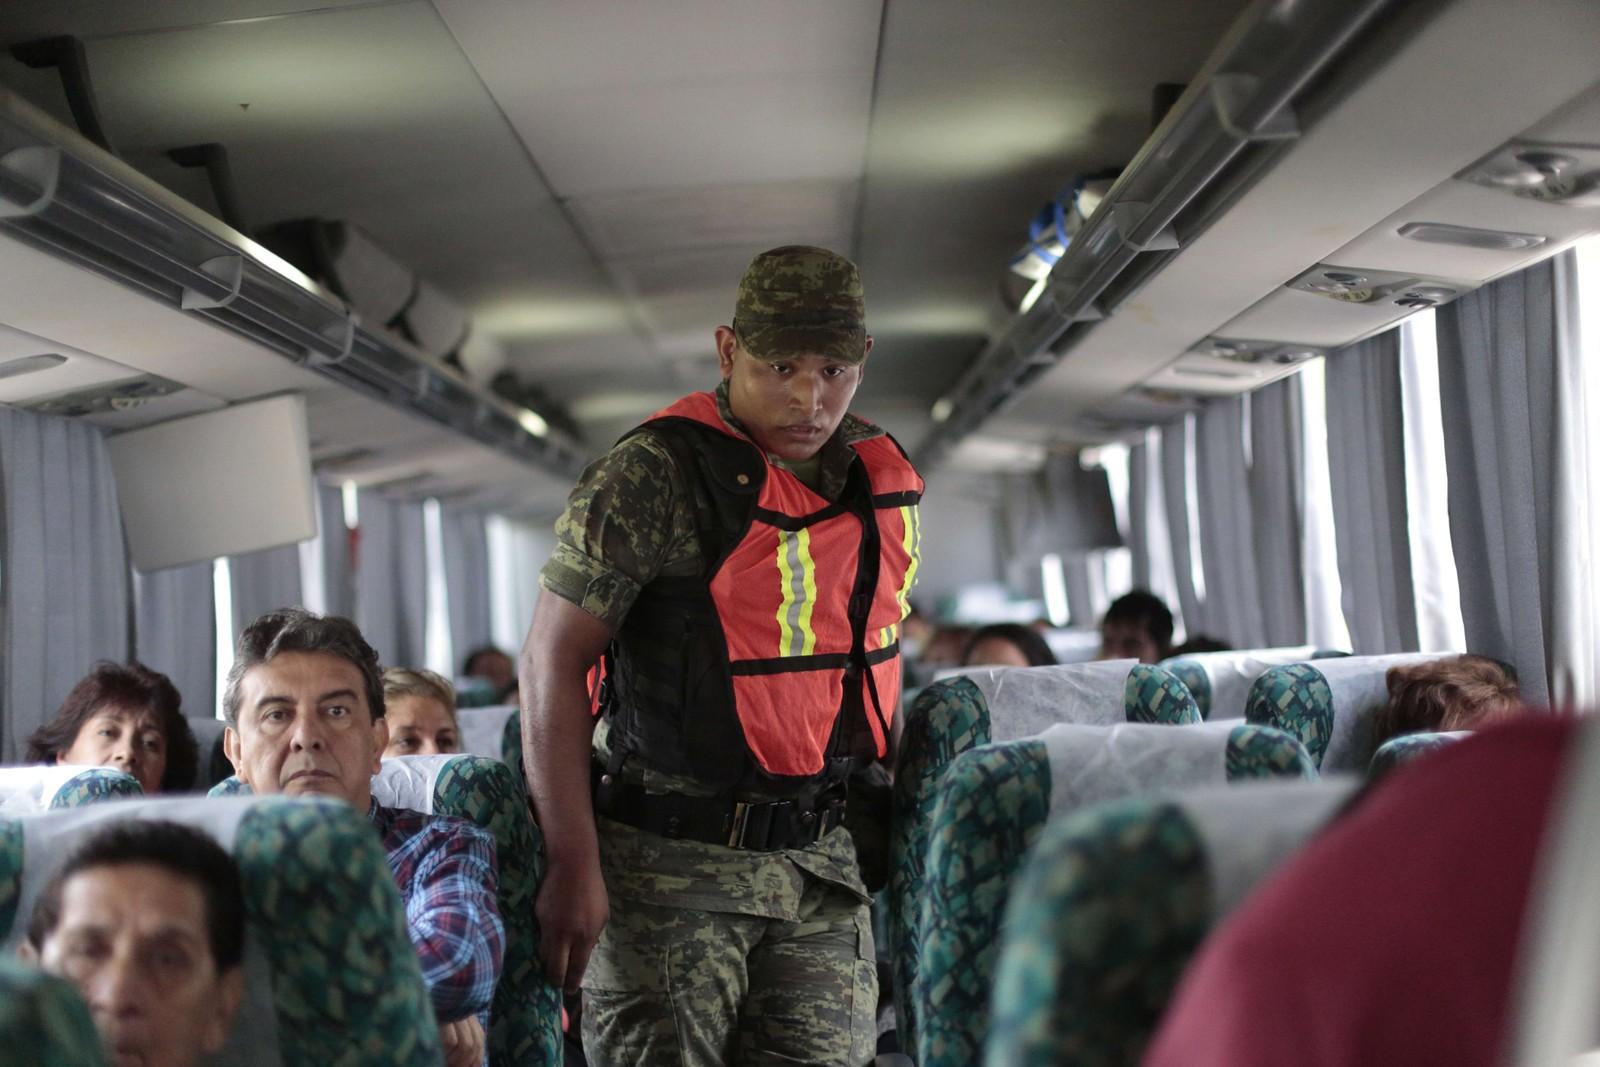 En soldat sjekker alle passasjerene på en buss mellom Mexico by og Acapulco.